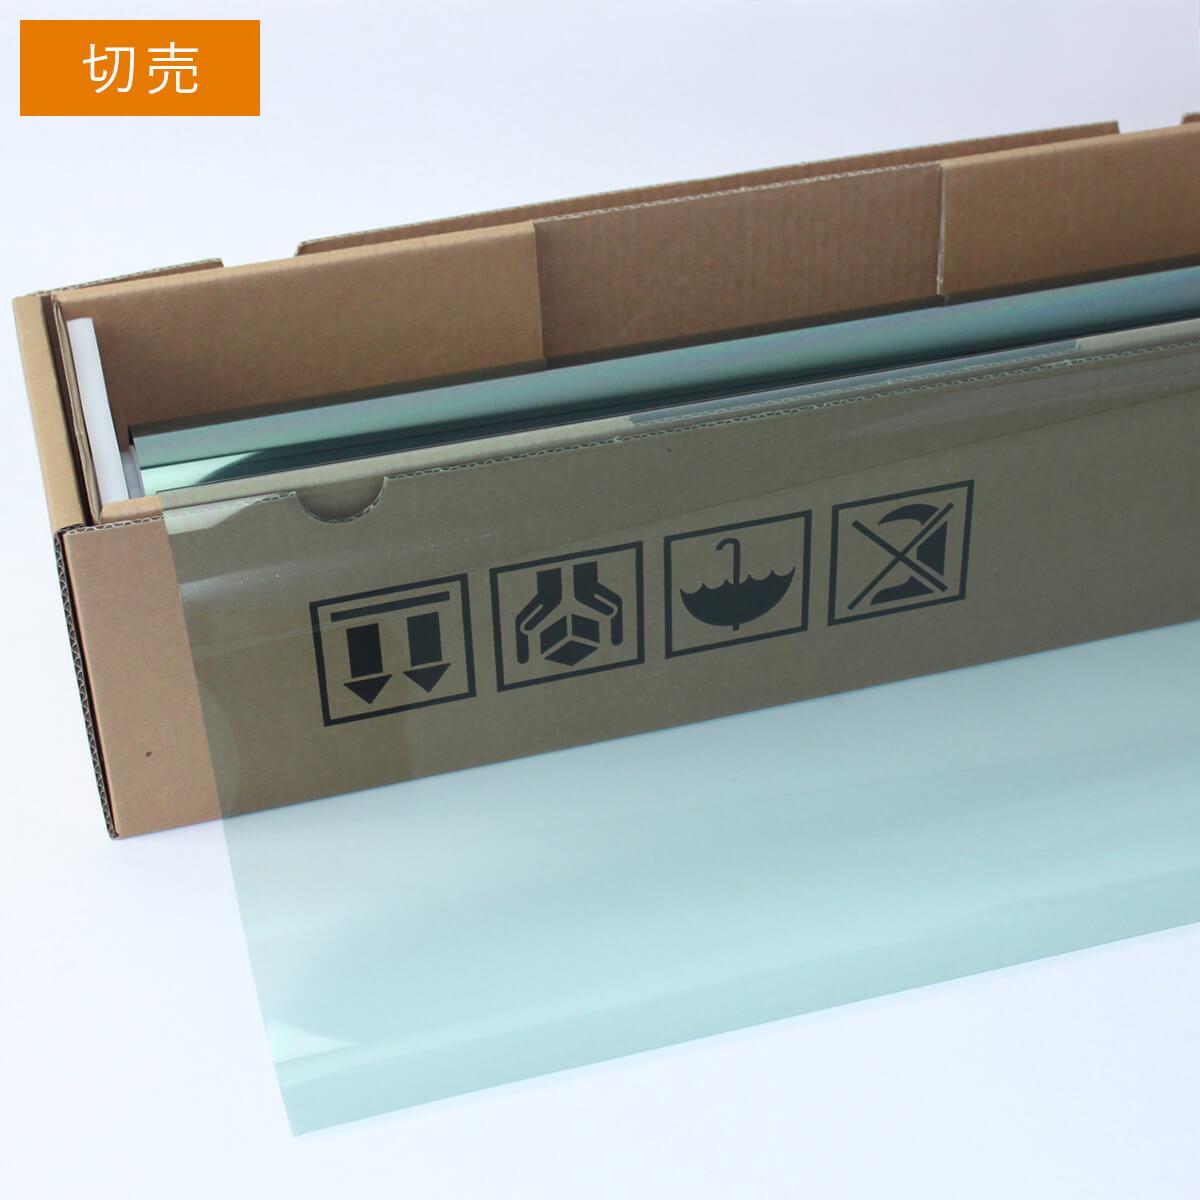 ウィンドウフィルム 窓ガラスフィルム スーパーUV400グリーン65(65%) 50cm幅×1m単位切売 遮熱フィルム 断熱フィルム UVカットフィルム ブレインテック Braintec